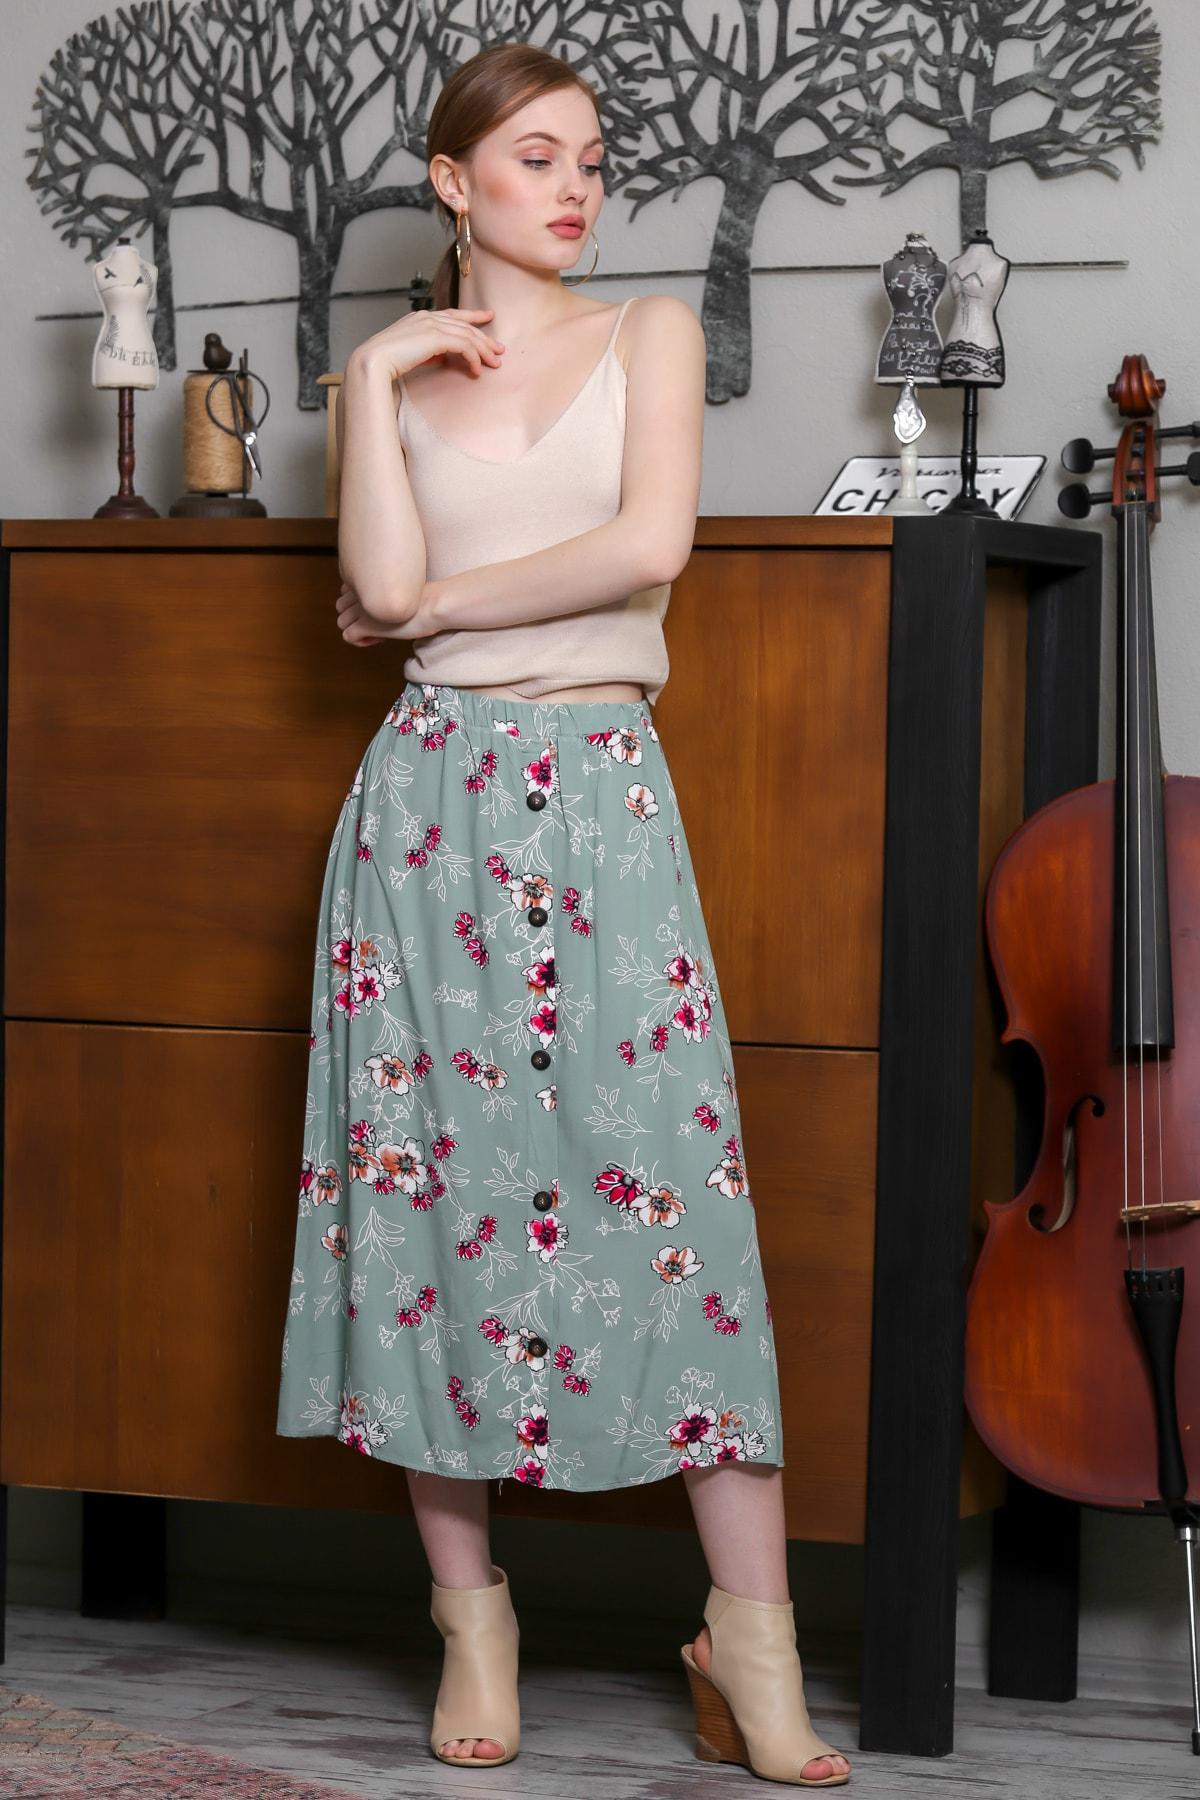 Chiccy Kadın Mint Beli Lastik Süs Düğme Detaylı Çiçek Desenli Dokuma Etek M10110000ET99257